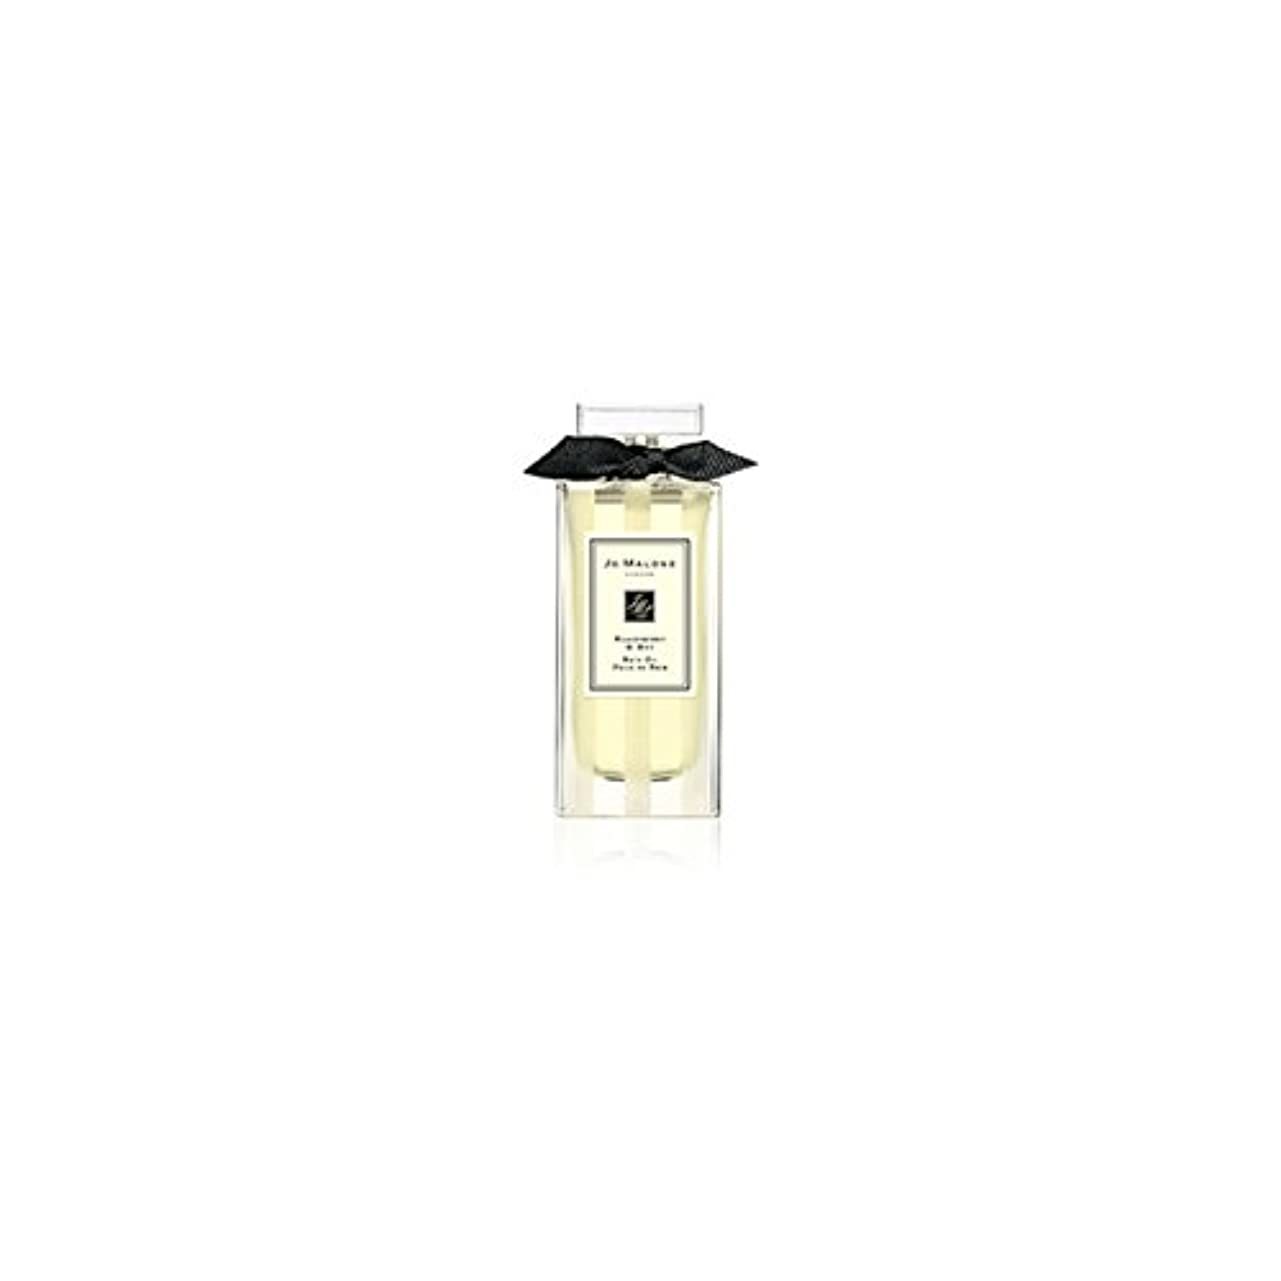 シールド健康既にJo Malone Blackberry & Bay Bath Oil - 30ml (Pack of 6) - ジョーマローンブラックベリー&ベイバスオイル - 30ミリリットル (x6) [並行輸入品]